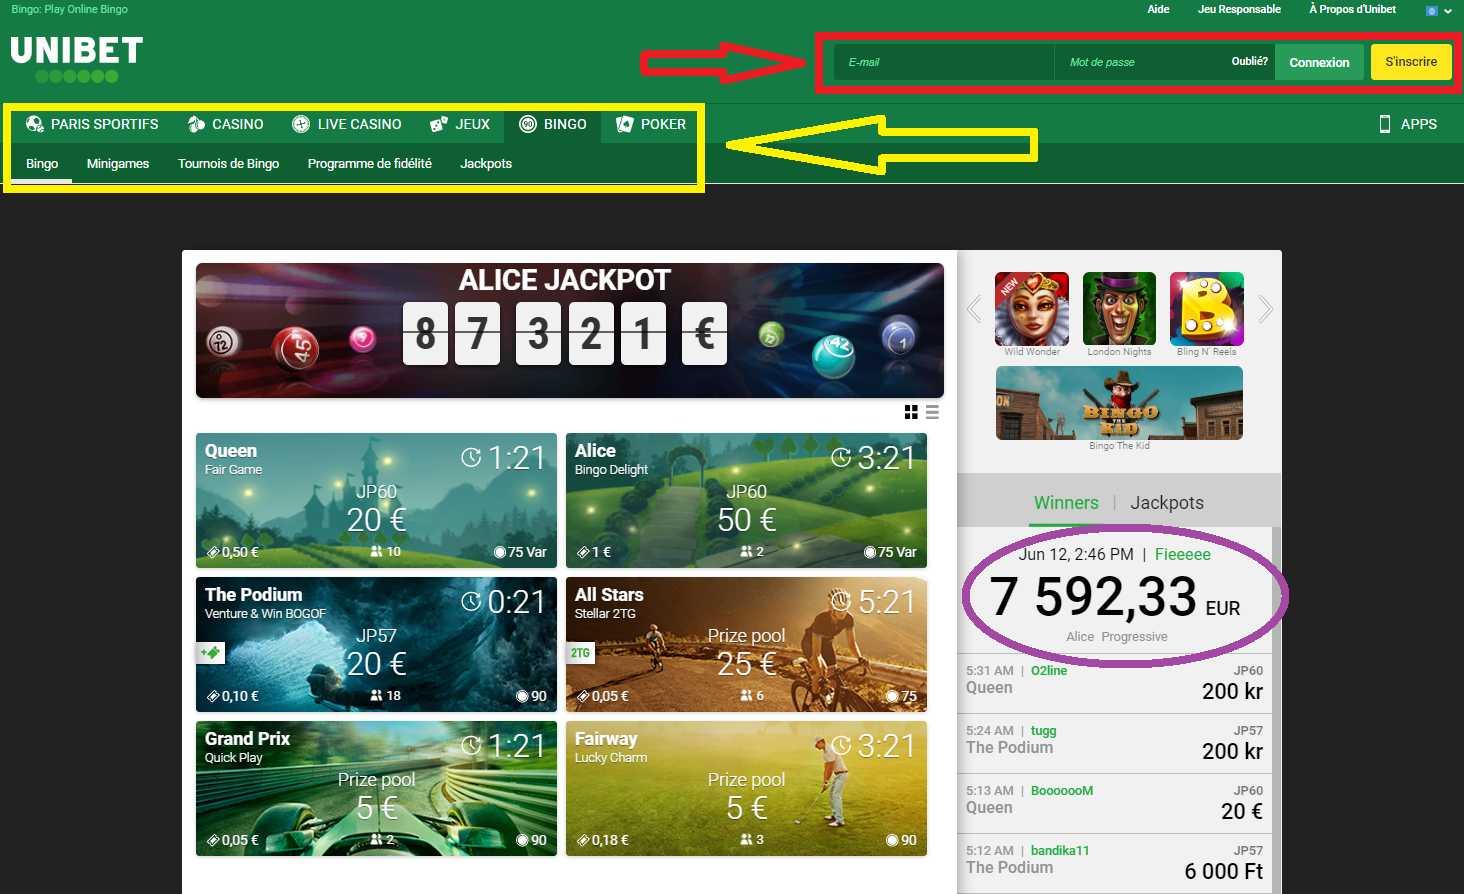 Les utilisateurs peuvent jouer au poker sur le site de bureau d'Unibet